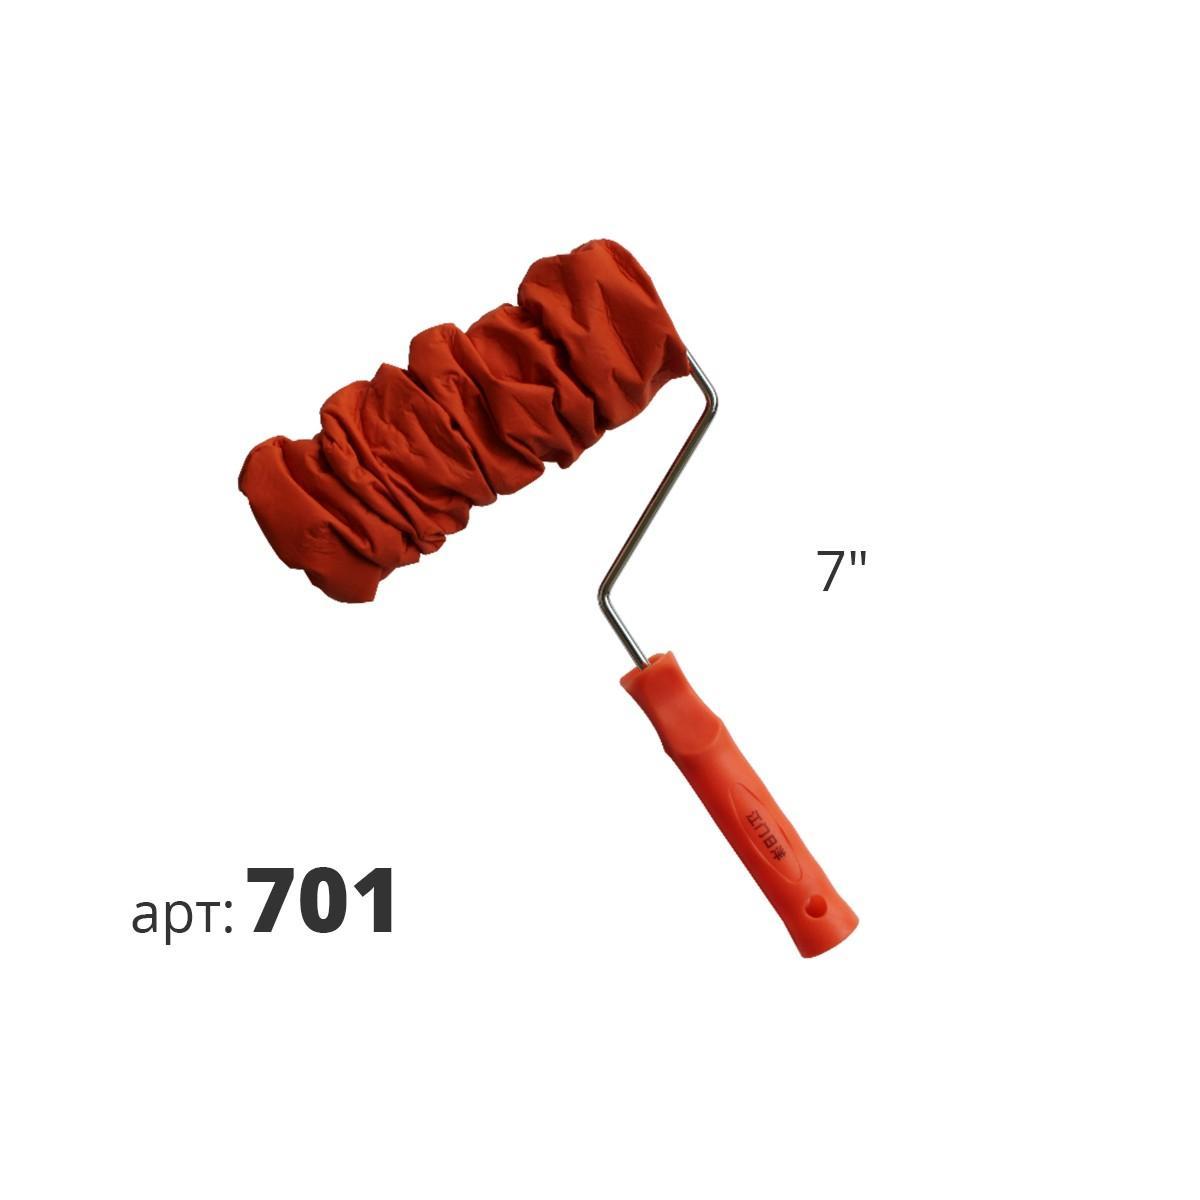 Декоративный кожаный валик 701